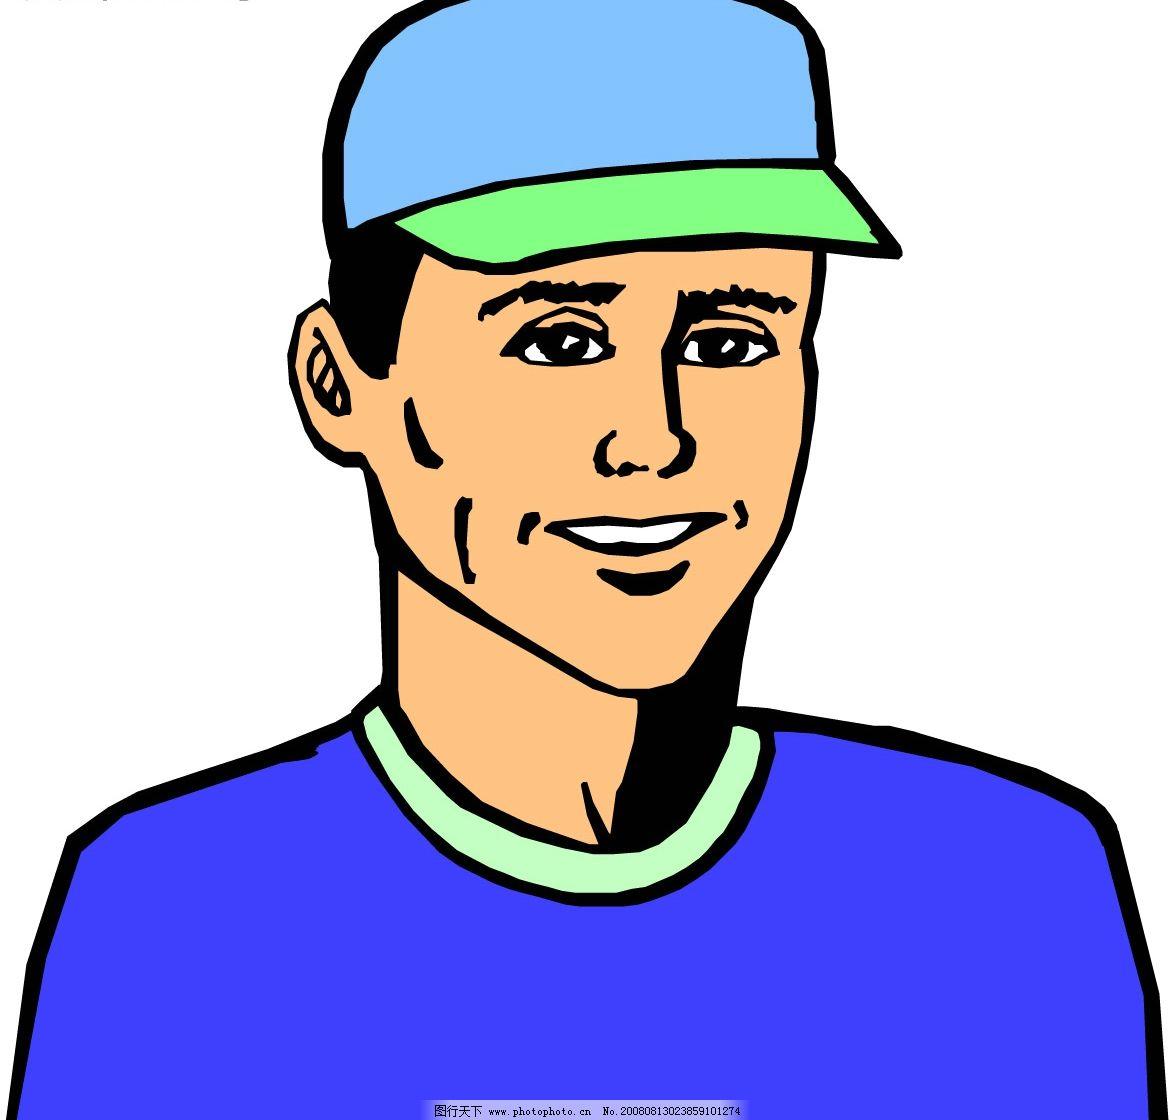 动漫 卡通 漫画 设计 矢量 矢量图 素材 头像 1171_1120